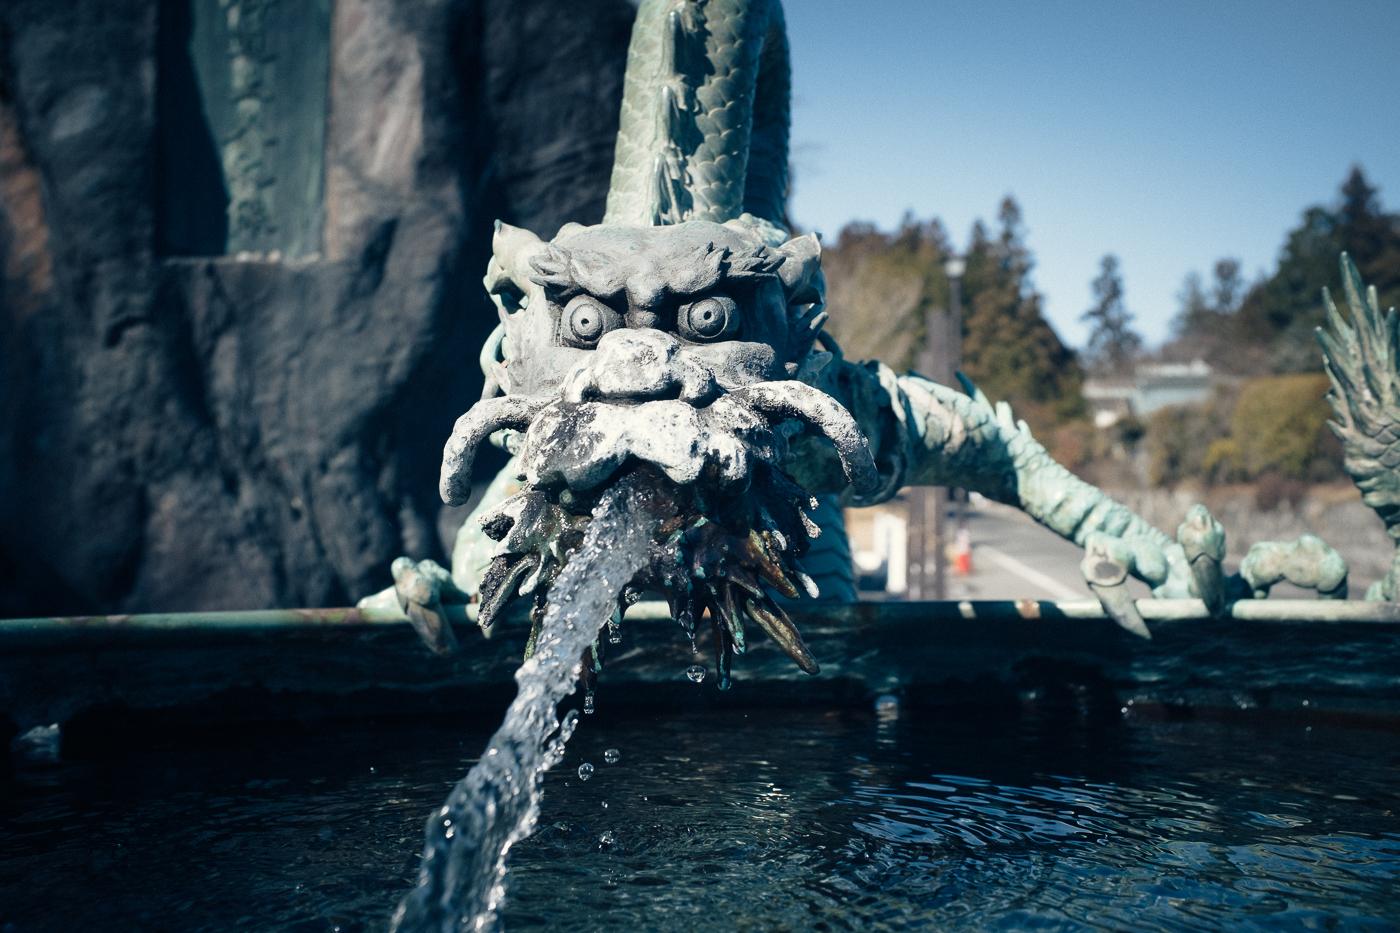 Fontaine en forme de dragon à Nikko, au Japon